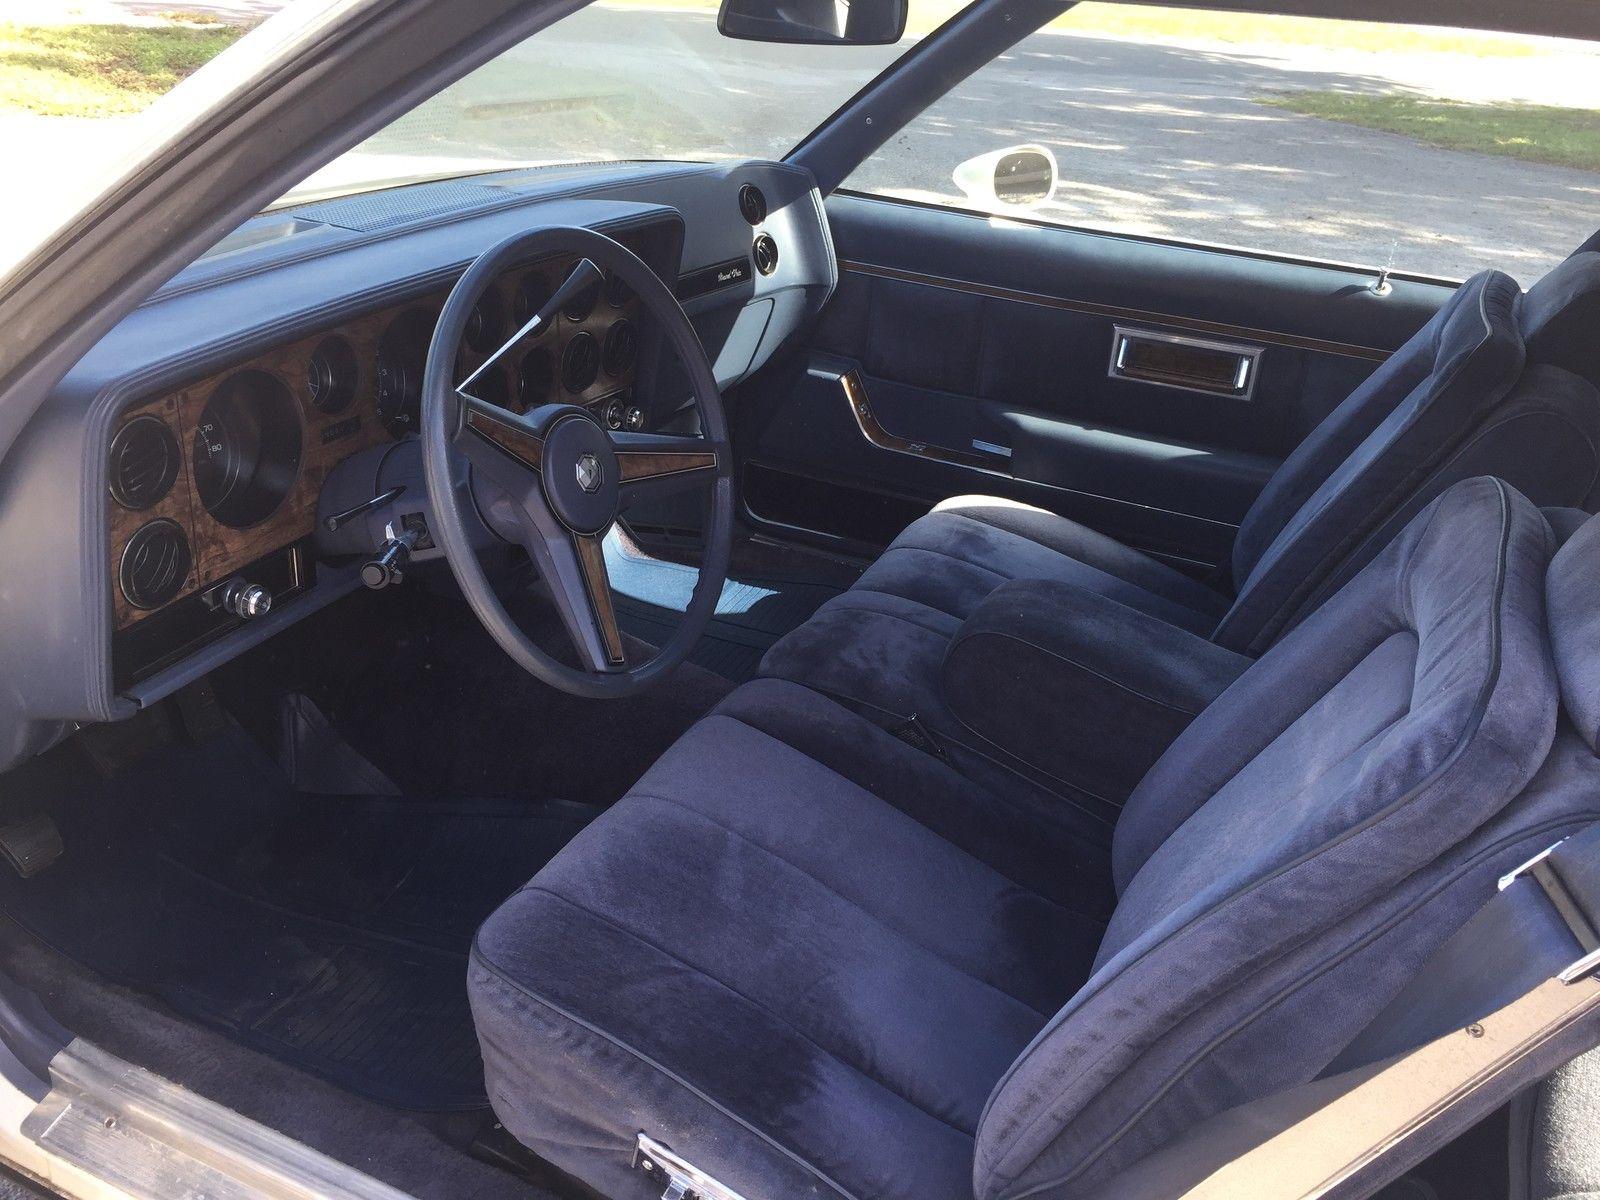 305 V8 1983 Pontiac GP LJ Classic Pontiac Grand Prix 1983 for sale #8B8140